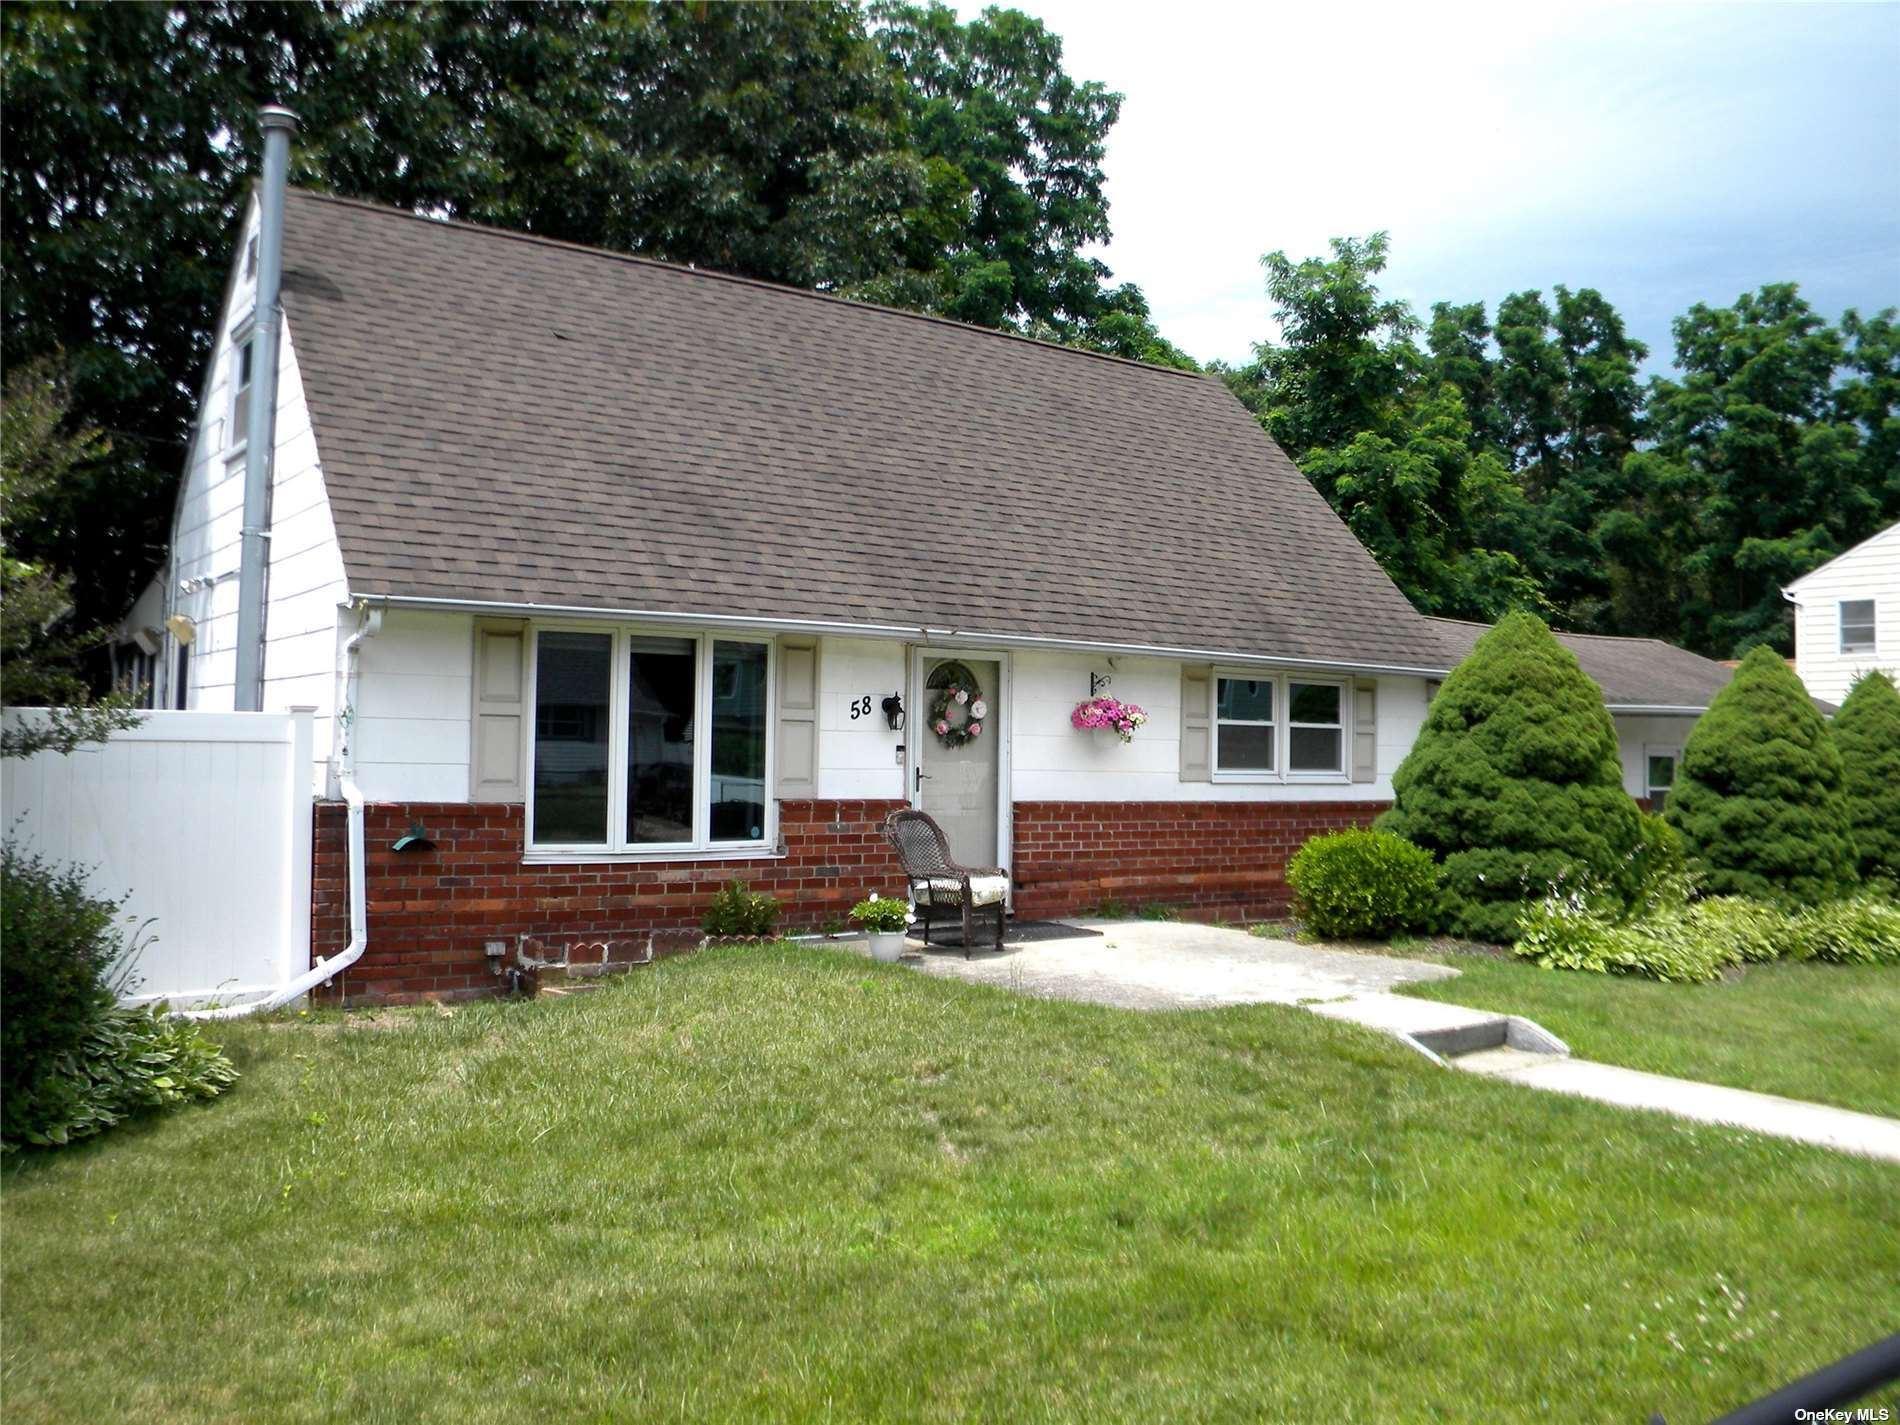 58 Marshall Drive, Selden, NY 11784 - MLS#: 3326668